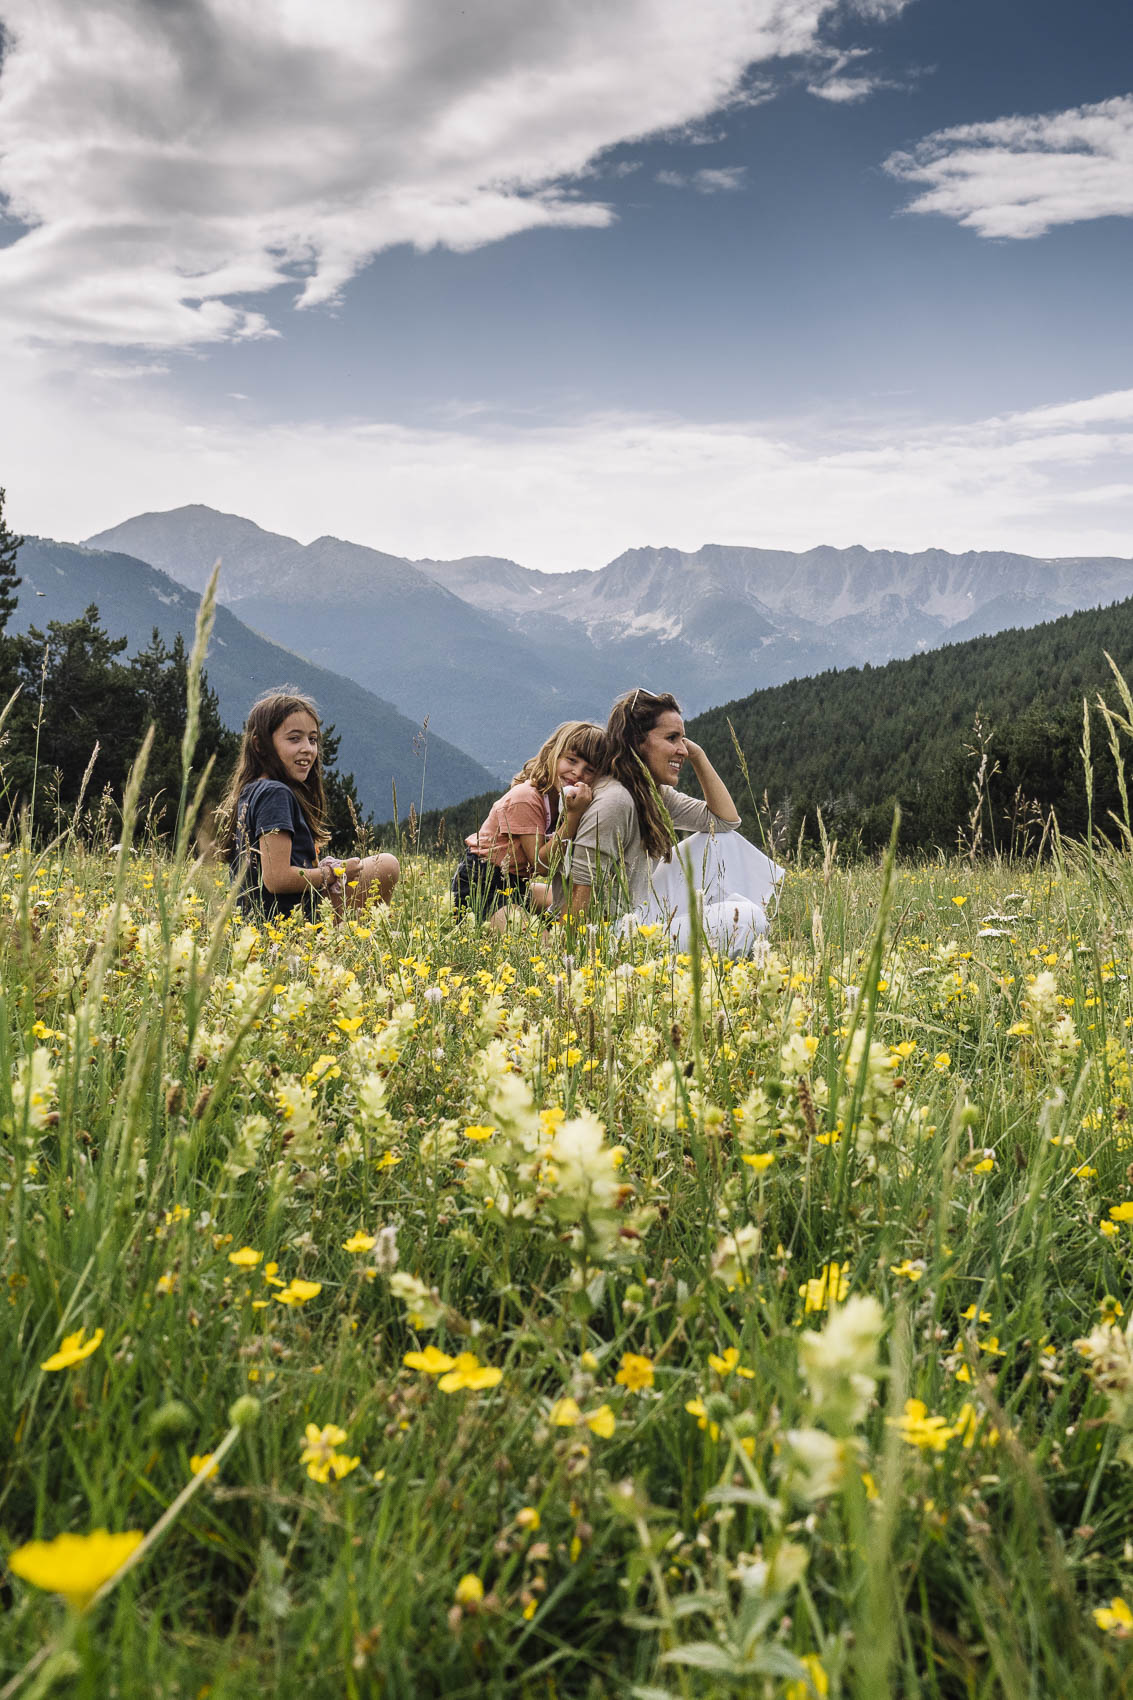 Andorra en verano: Itinerario completo de 5 días